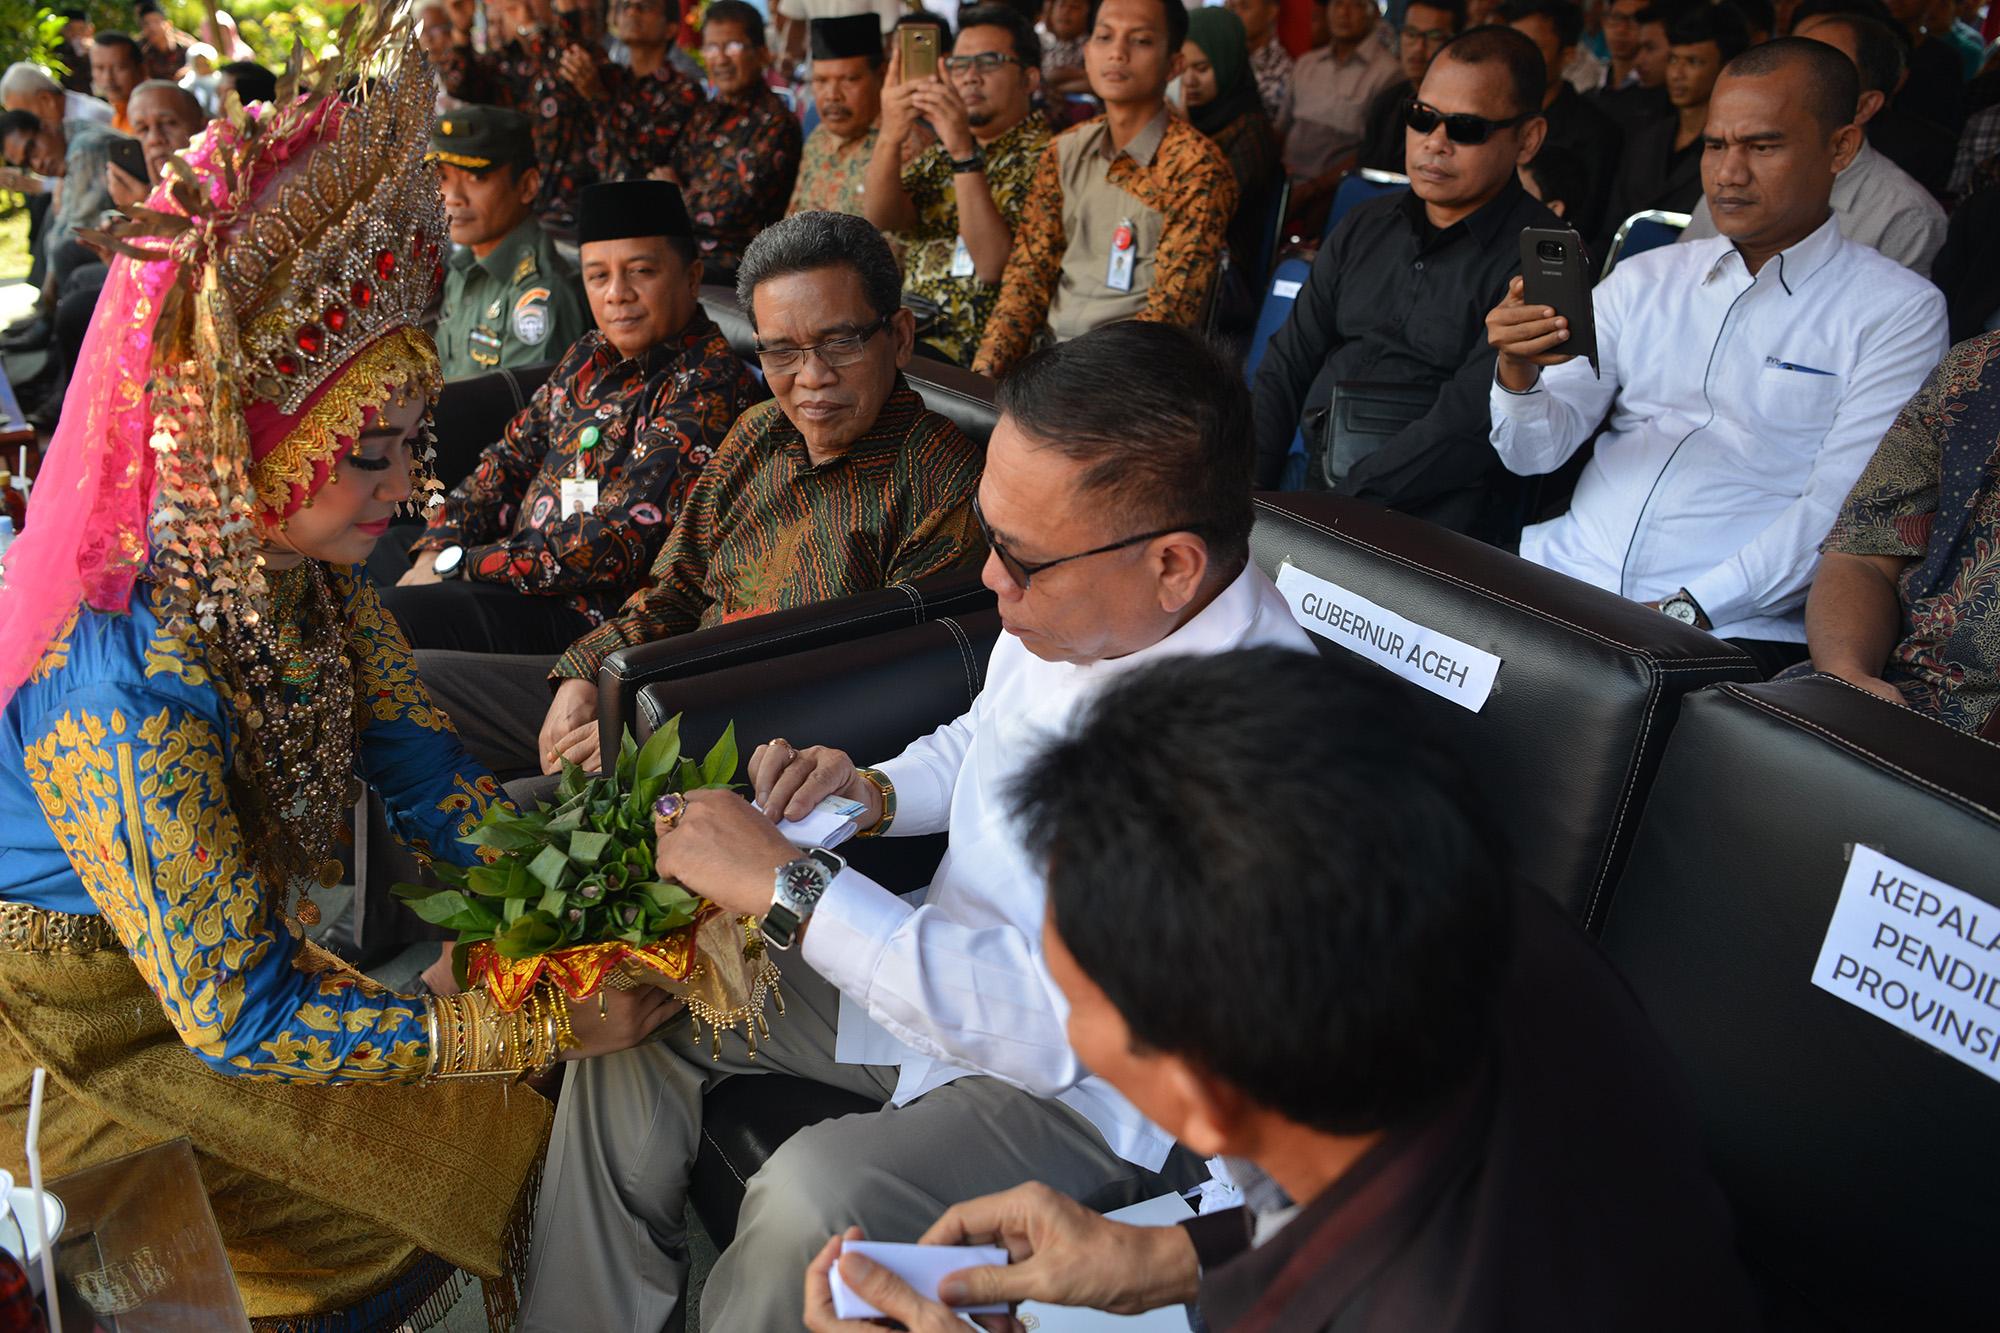 Gubernur Aceh Buka PASCAL, Irwandi: Pelajar Tingkatkan Prestasi